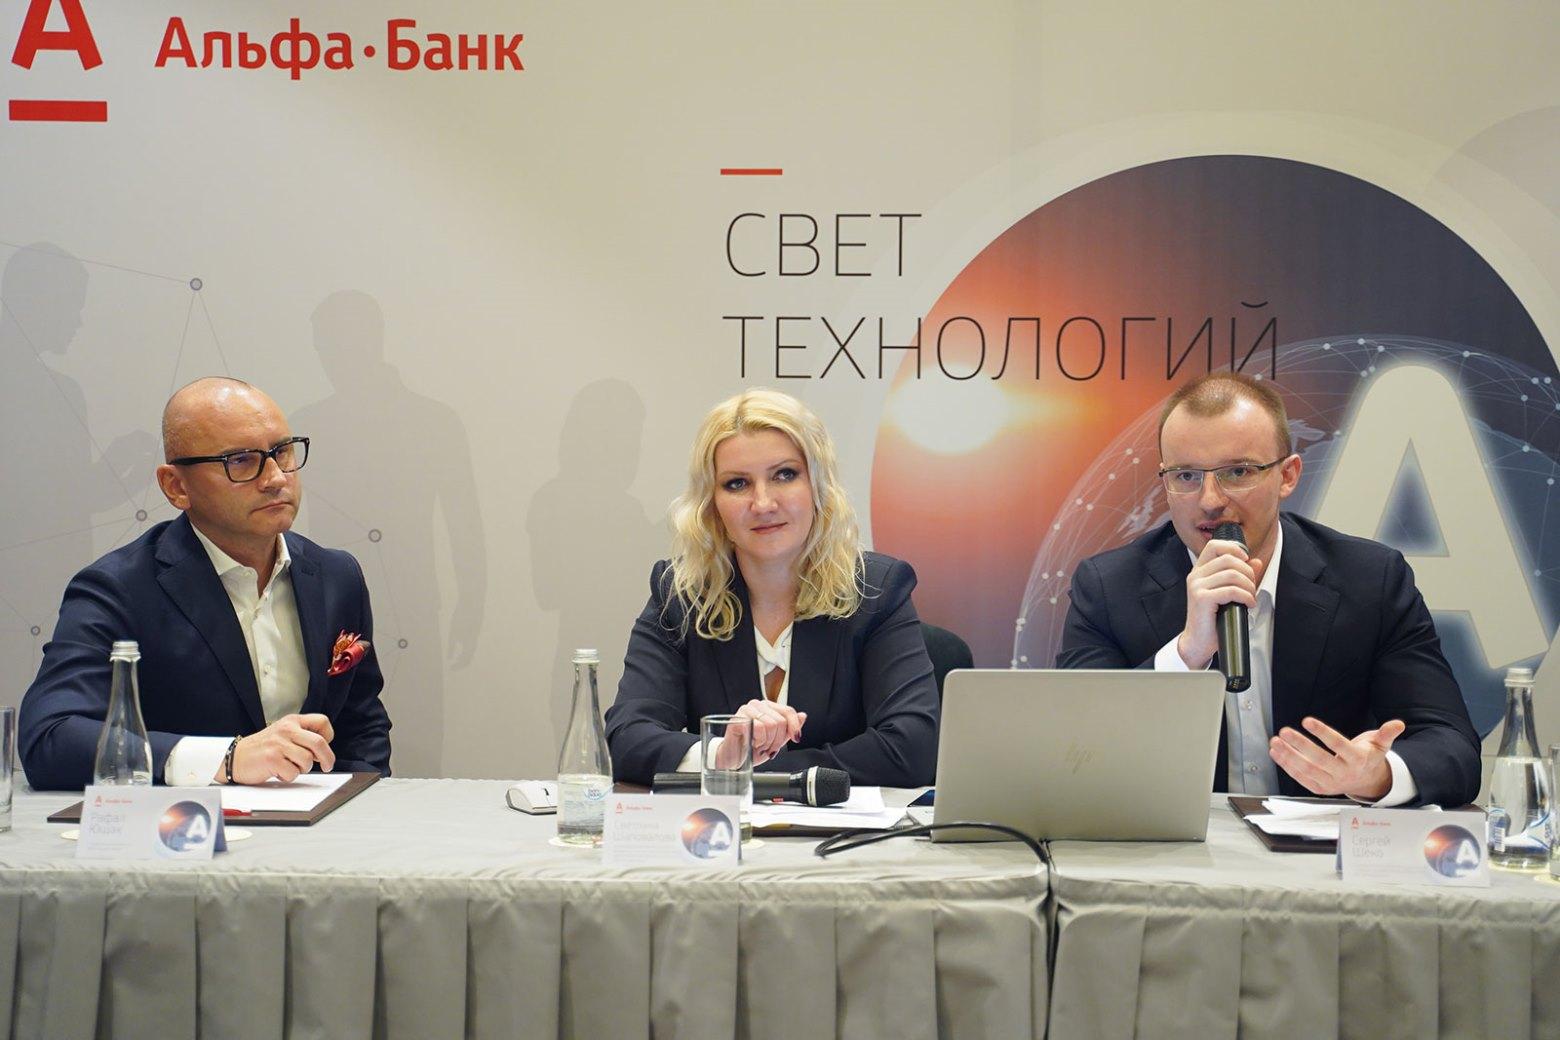 Альфа банк конференция